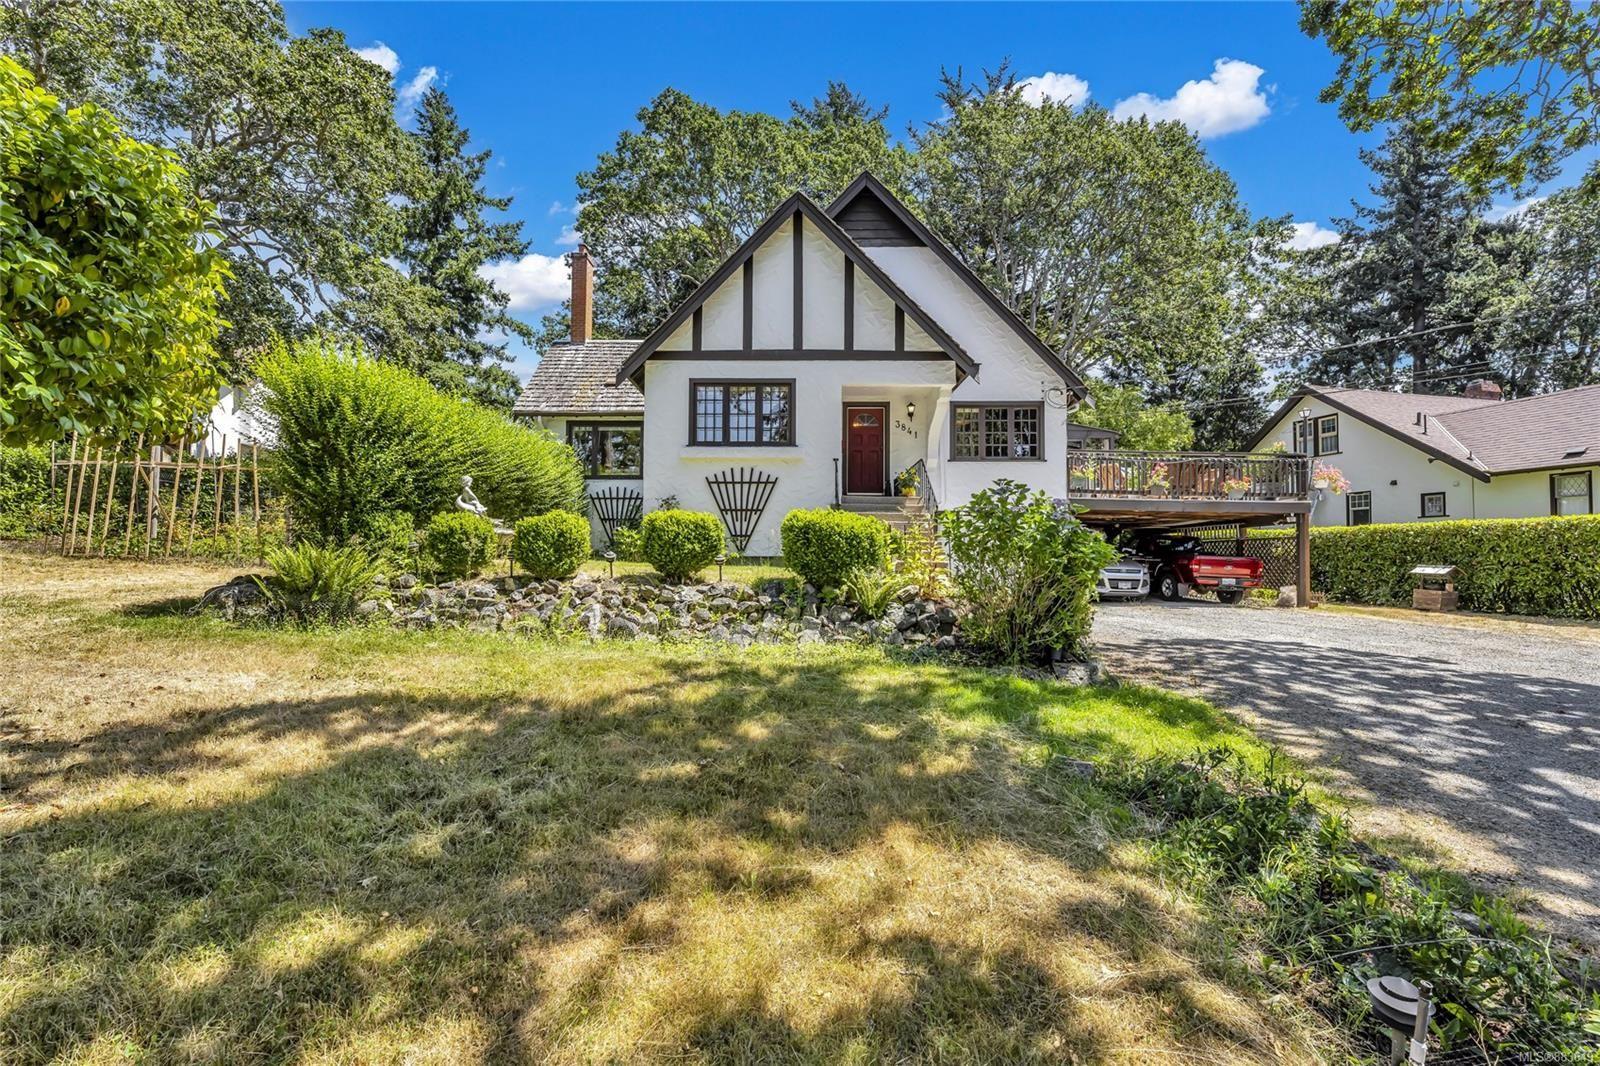 Main Photo: 3841 Blenkinsop Rd in : SE Blenkinsop House for sale (Saanich East)  : MLS®# 883649